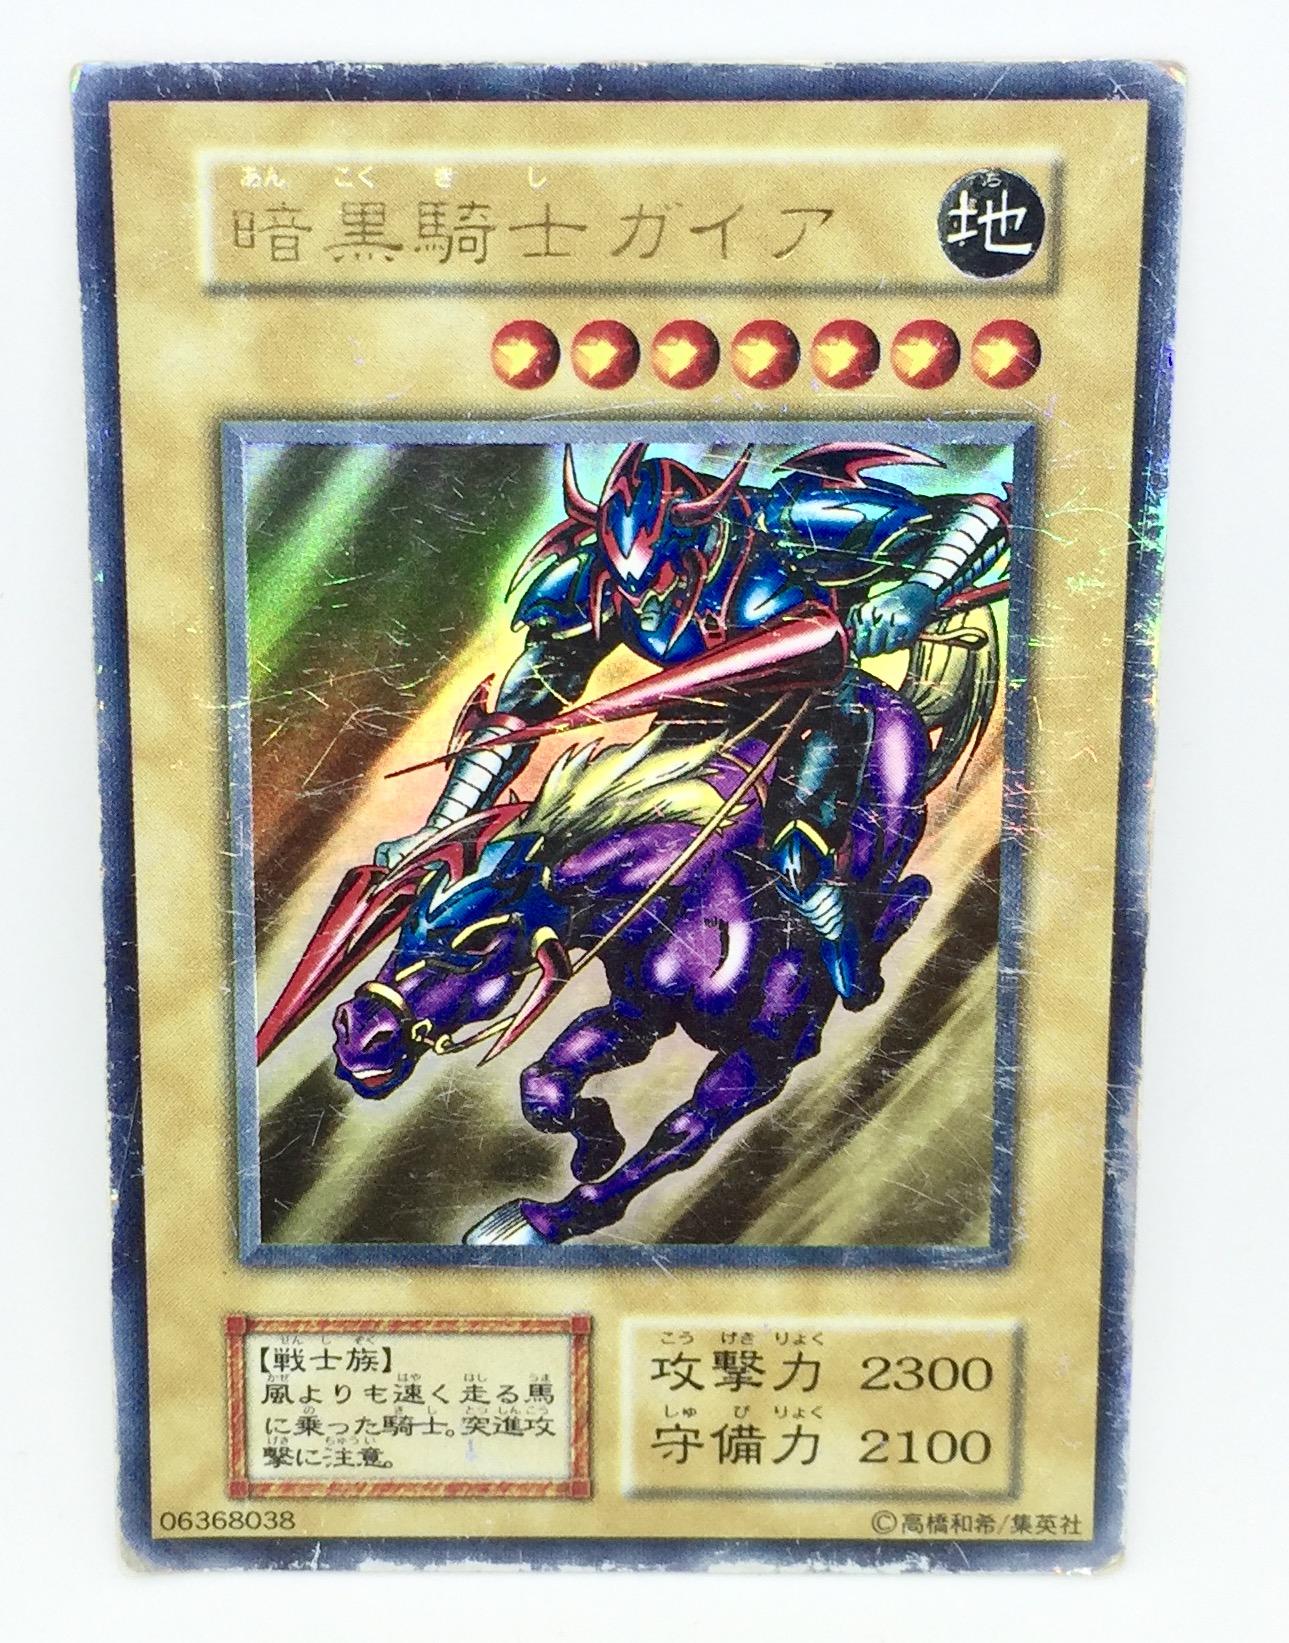 ํYu-Gi-Oh Gaia the Fierce Knight อัศวินดำ ไกอา